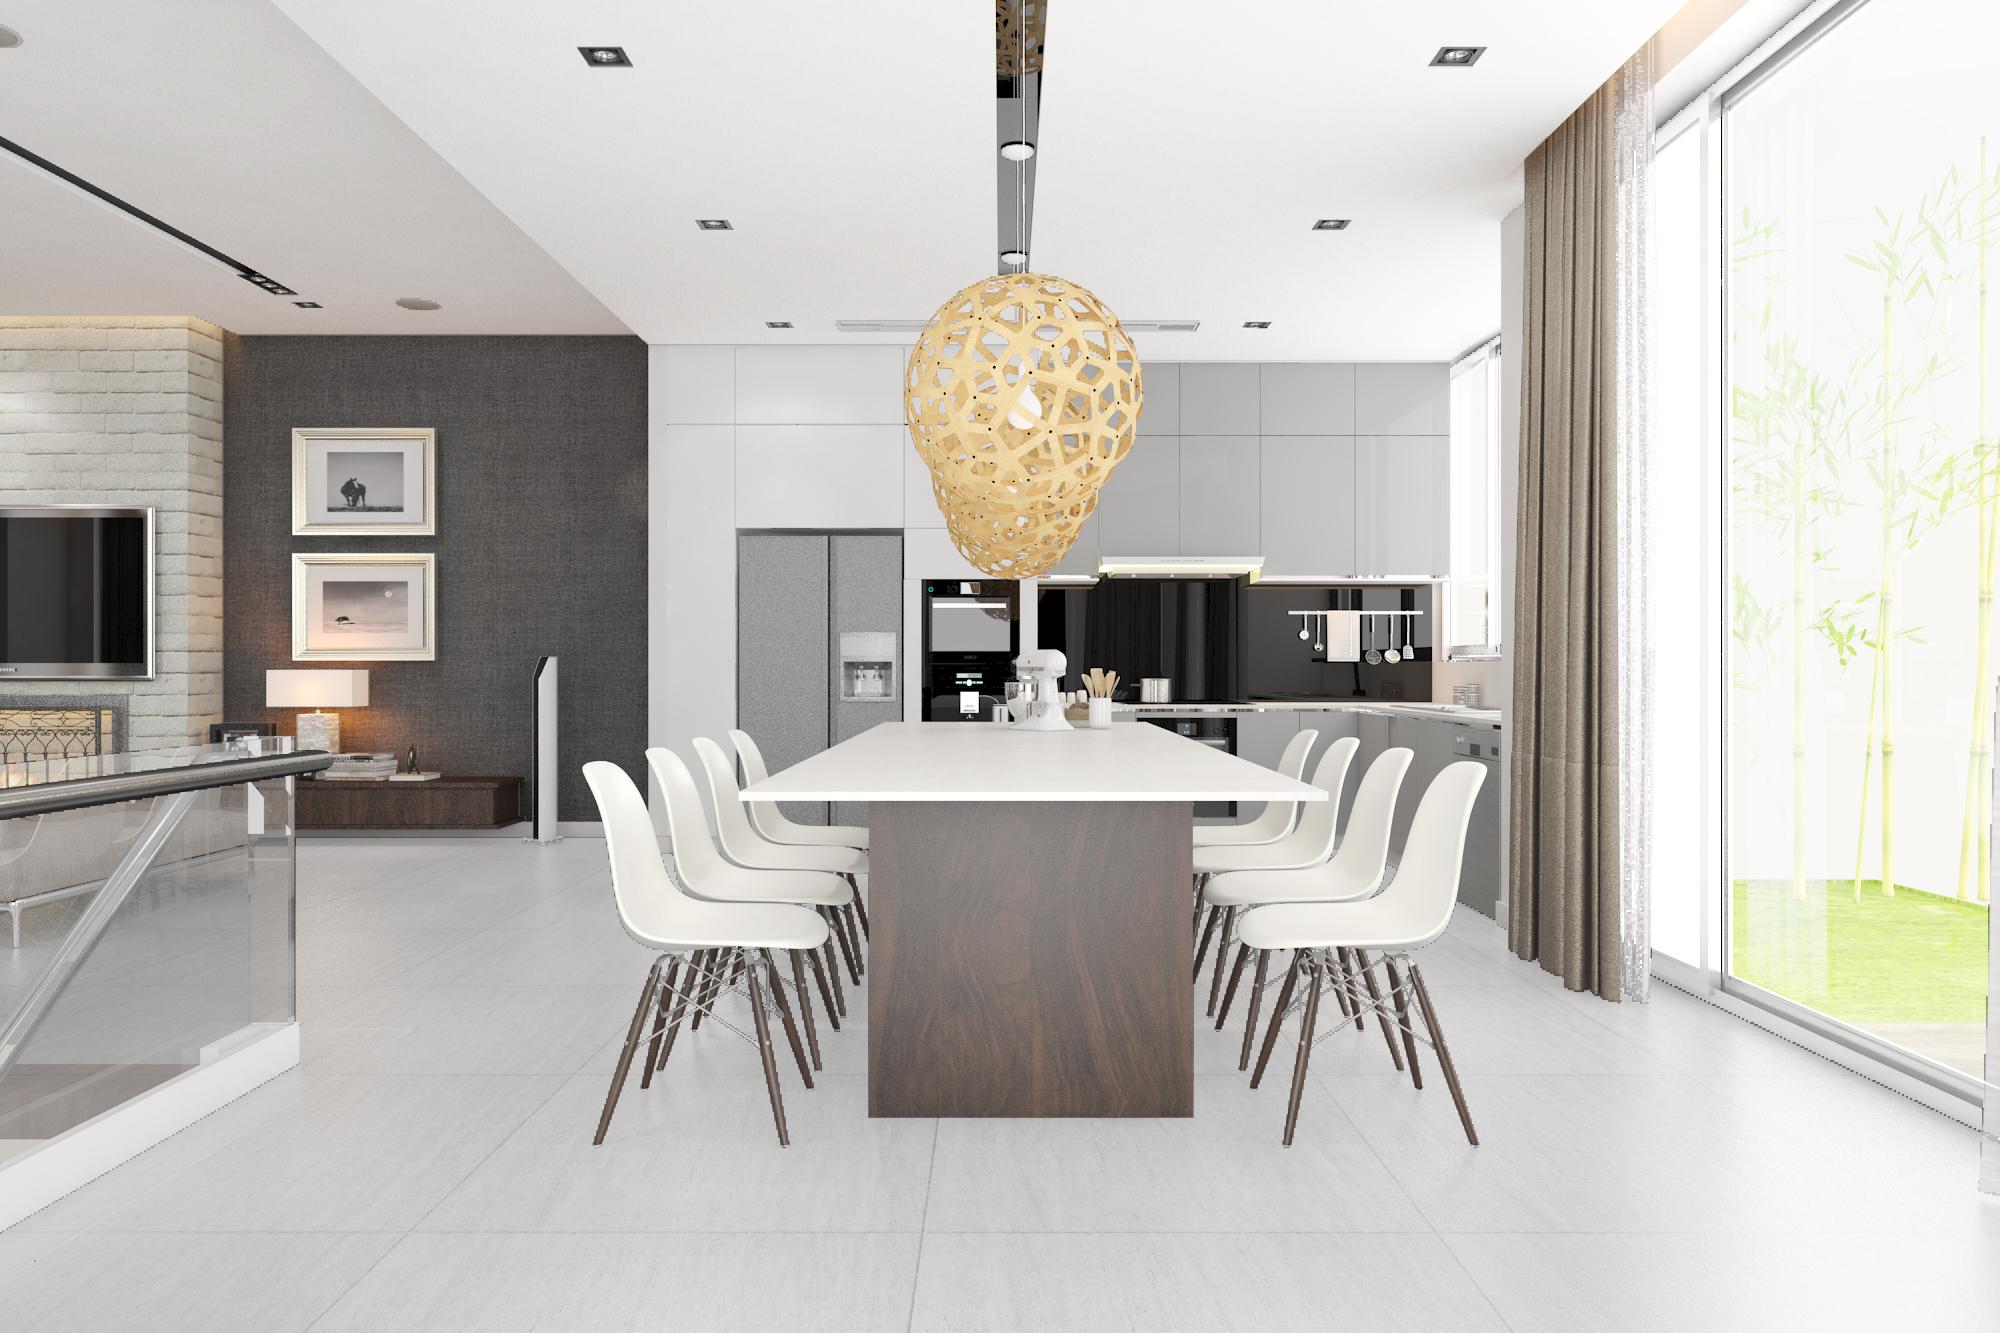 thiết kế nội thất Biệt Thự tại Hà Nội bt Vinhomes - riverside 8 1568085332